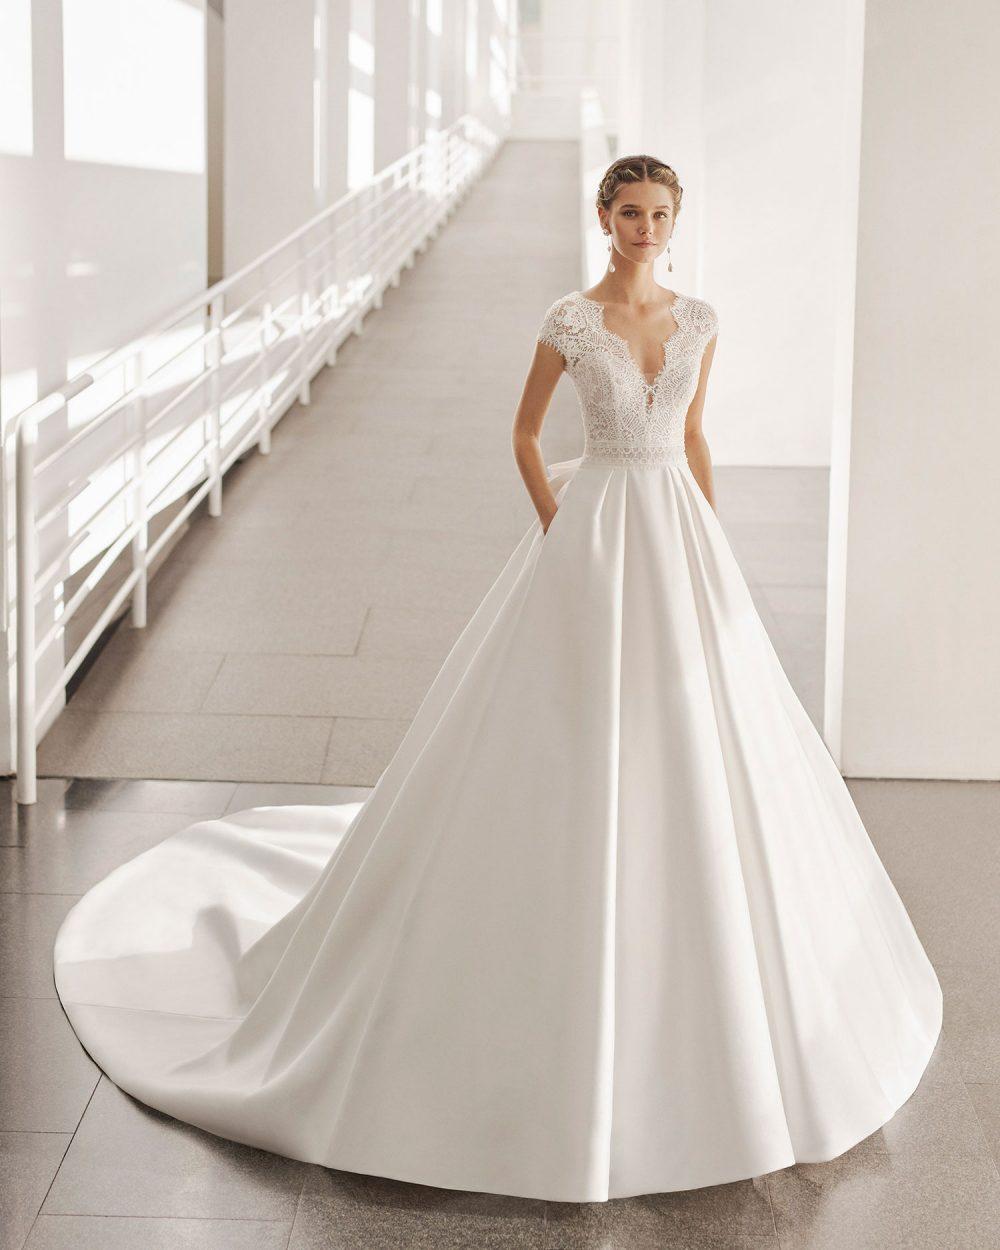 Rosa Clarà 2022 abito vestito sposa Vicenza NUBE